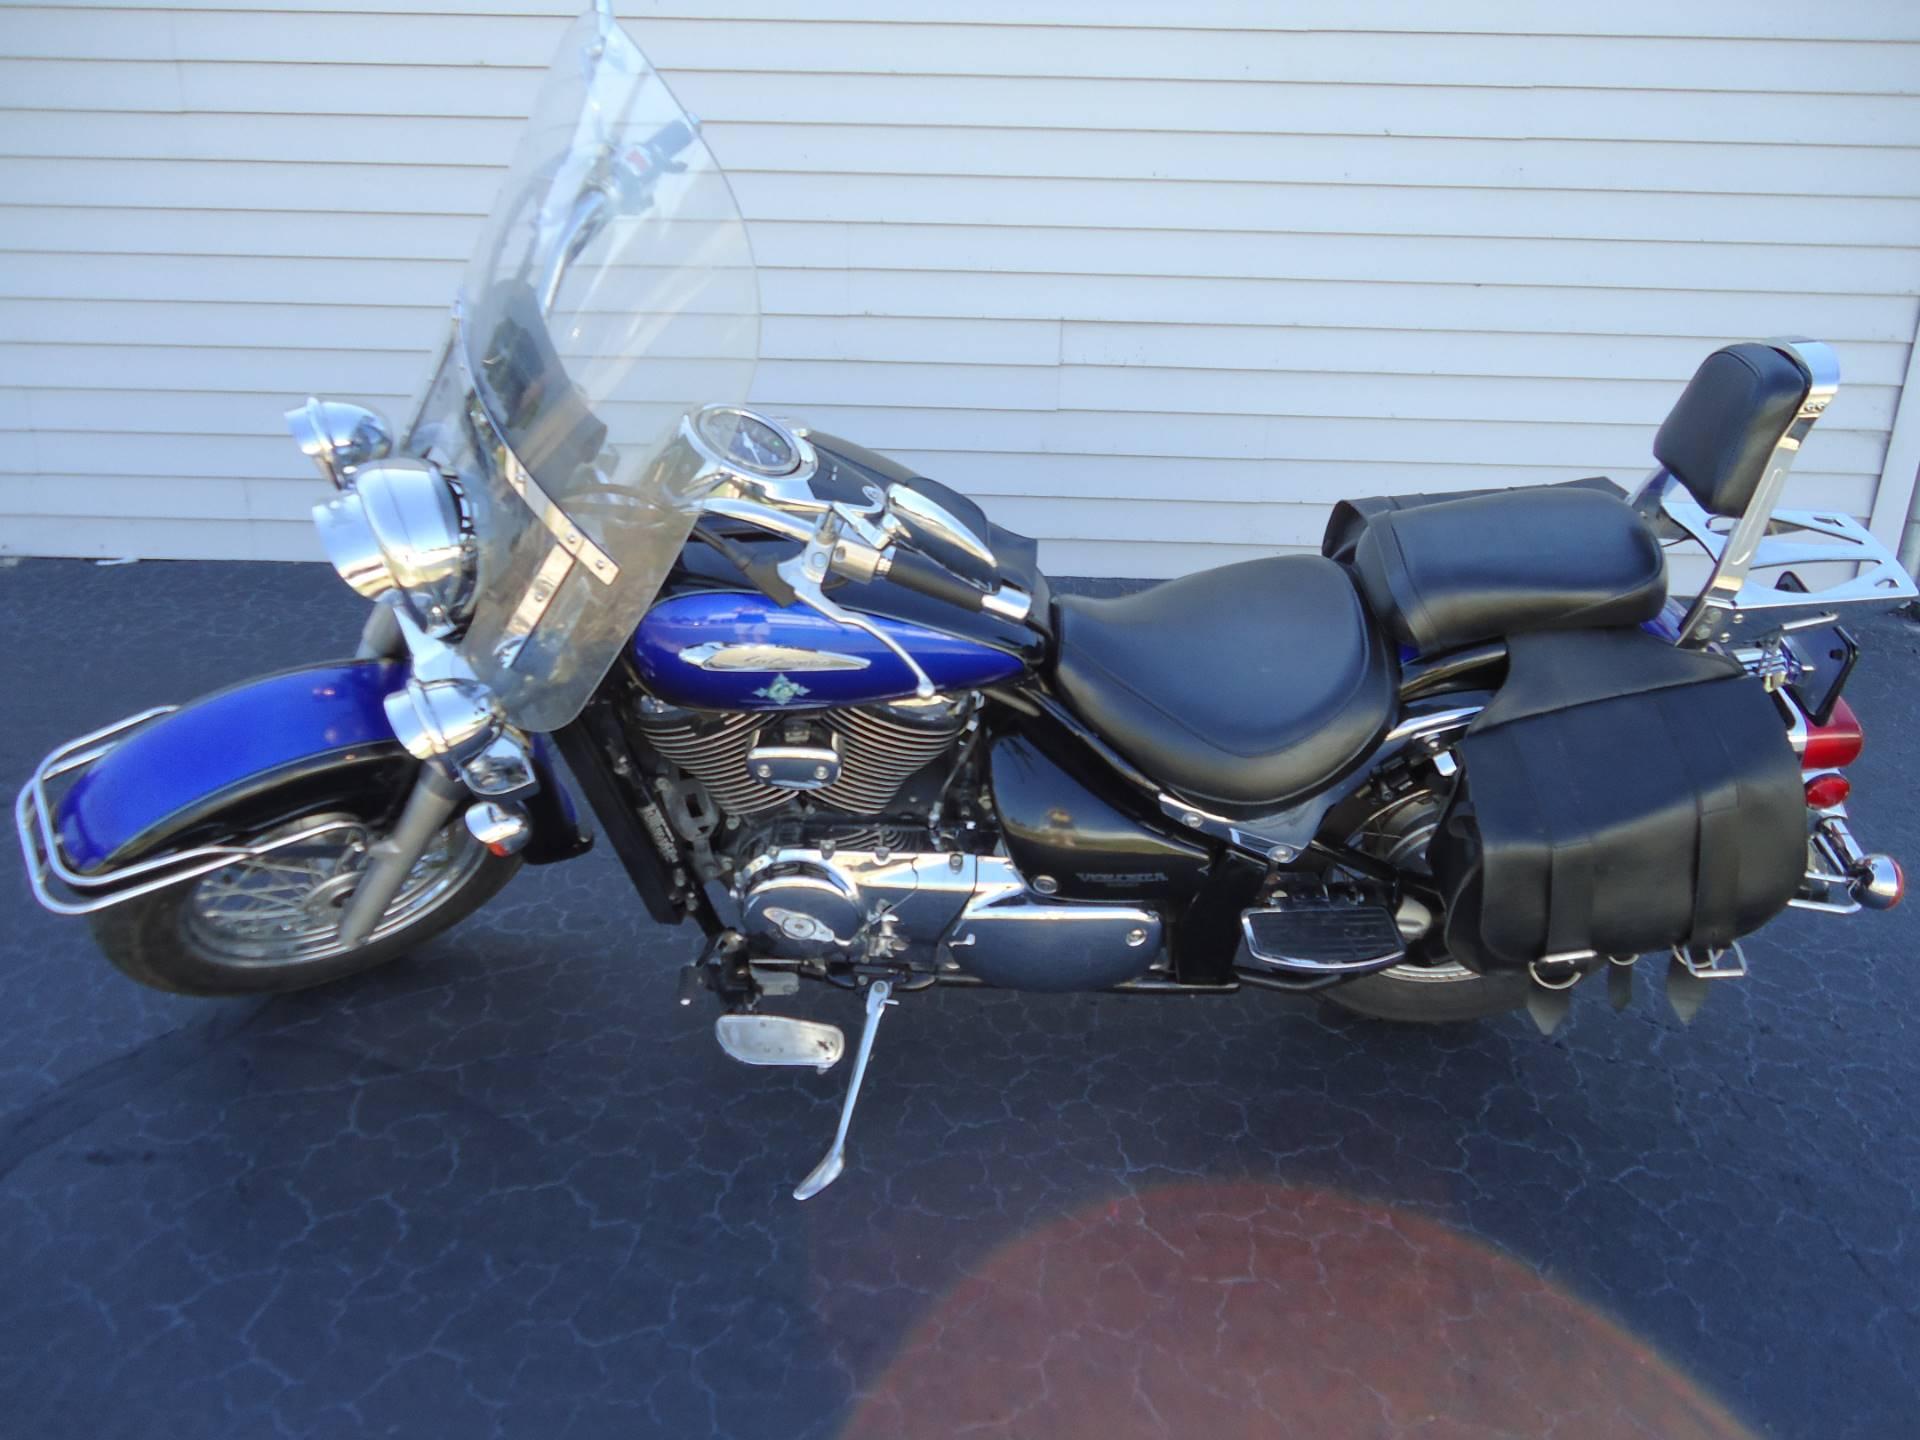 2002 Suzuki Intruder 800 4